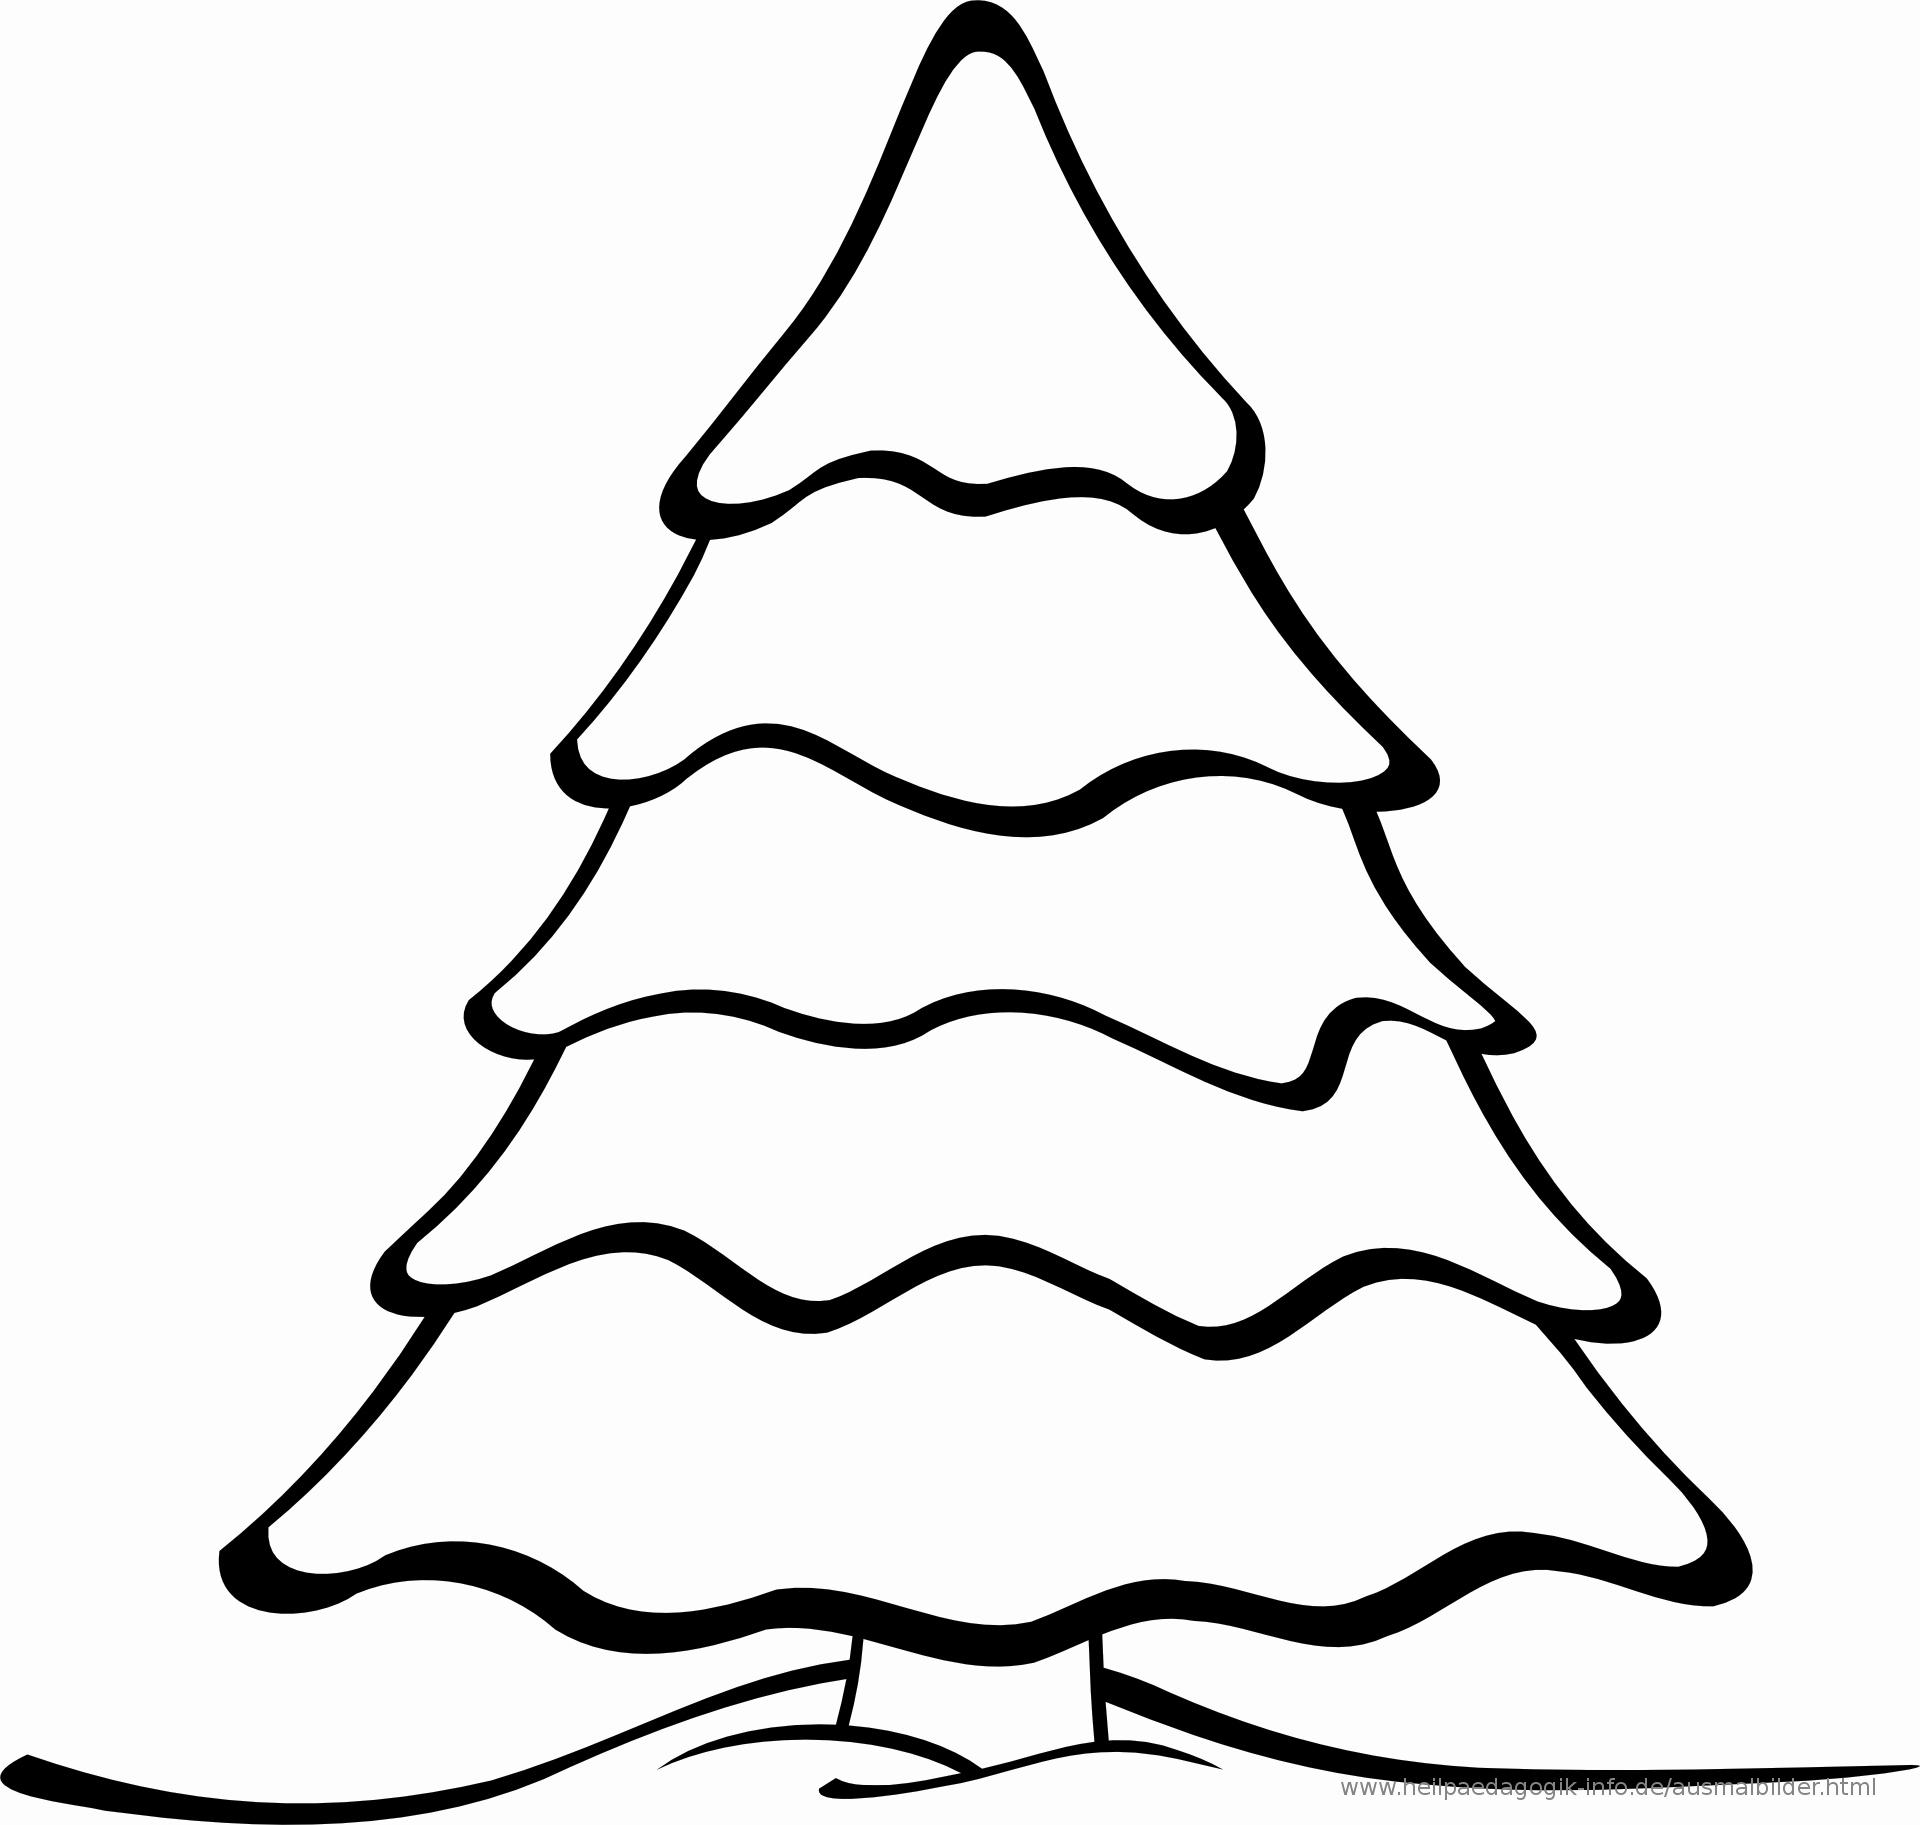 Malvorlagen Tannenbaum Ausdrucken Elegant Ausmalbilder bei Malvorlagen Tannenbaum